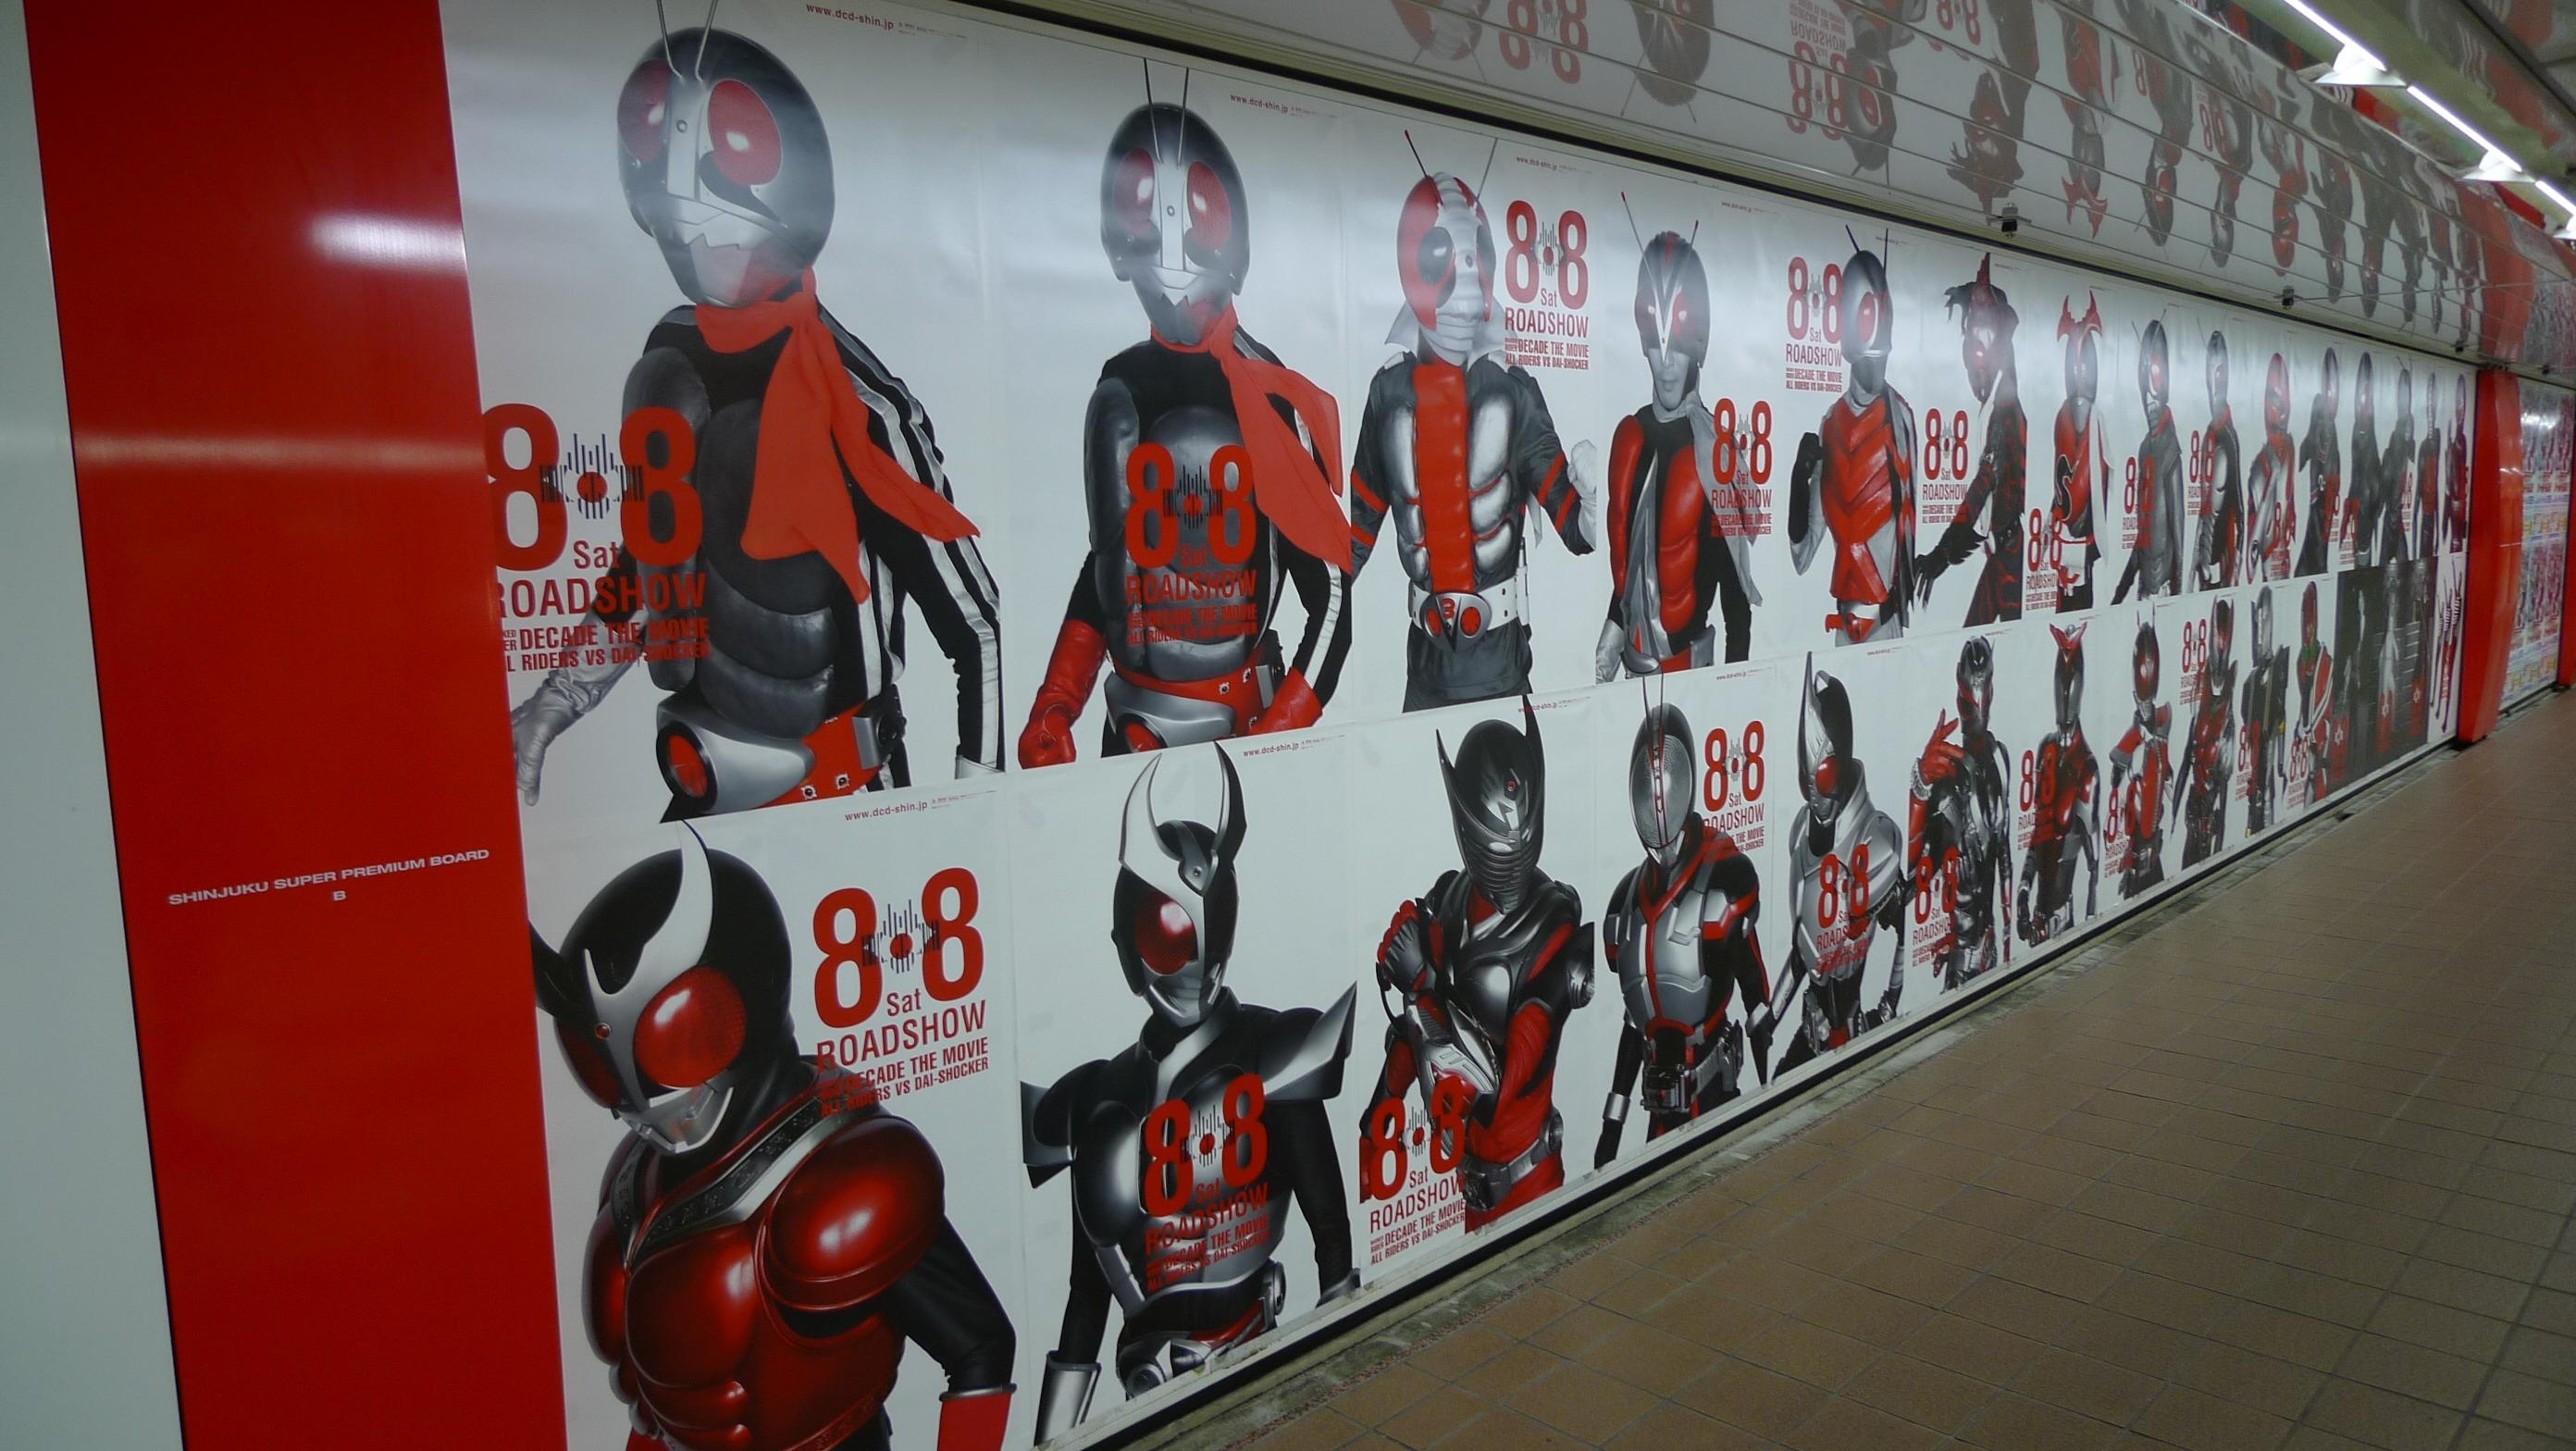 新宿駅地下道にある仮面ライダーの広告が素晴らしすぎる件について